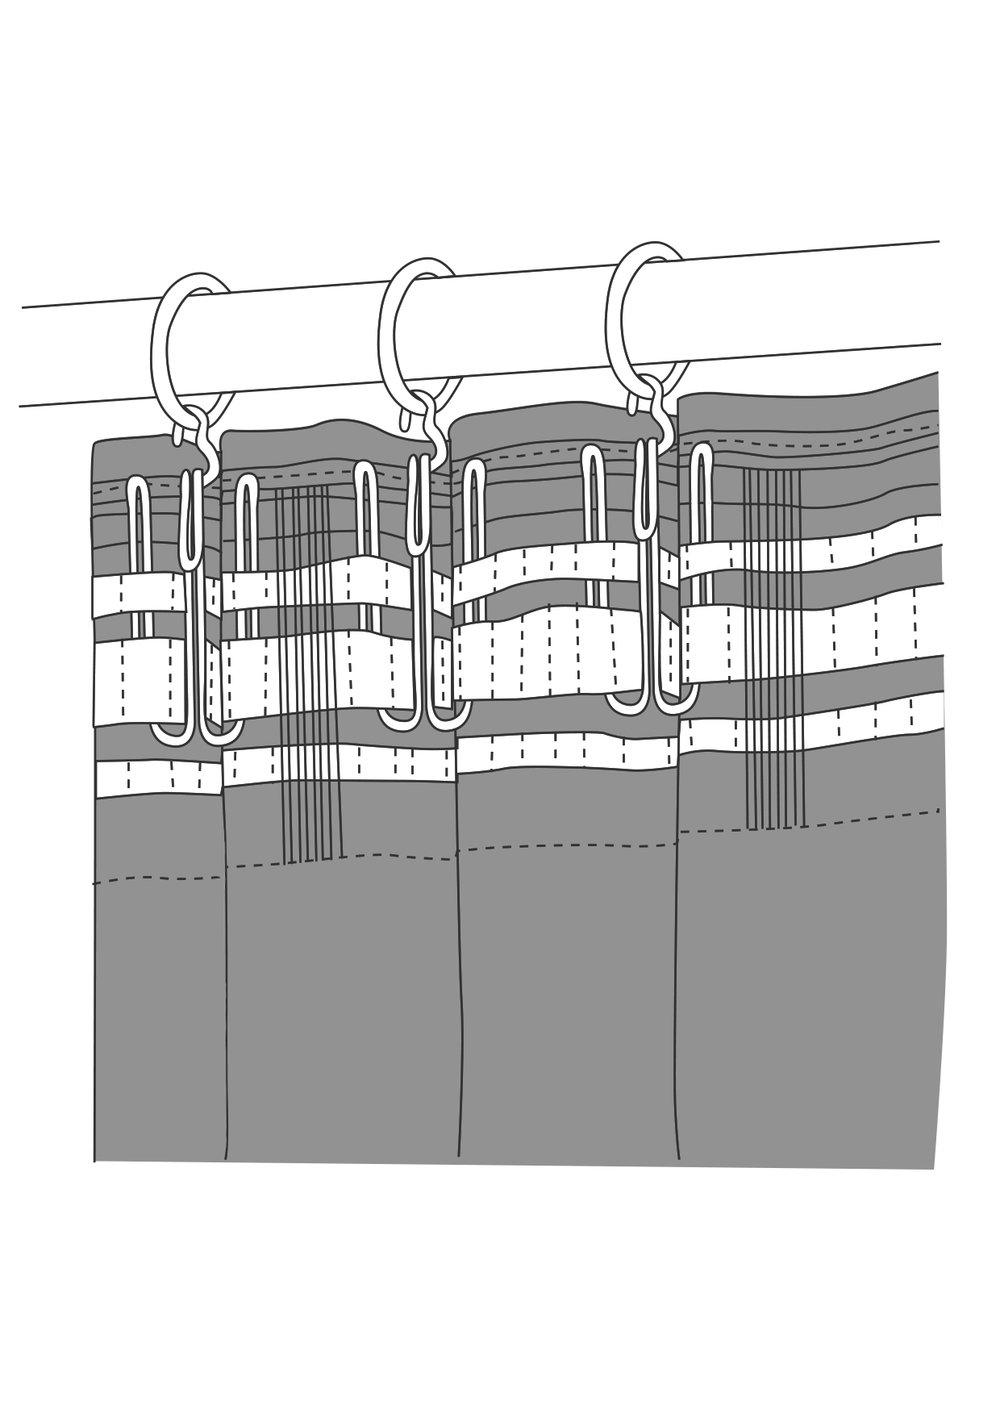 illustrations for website_9.jpg